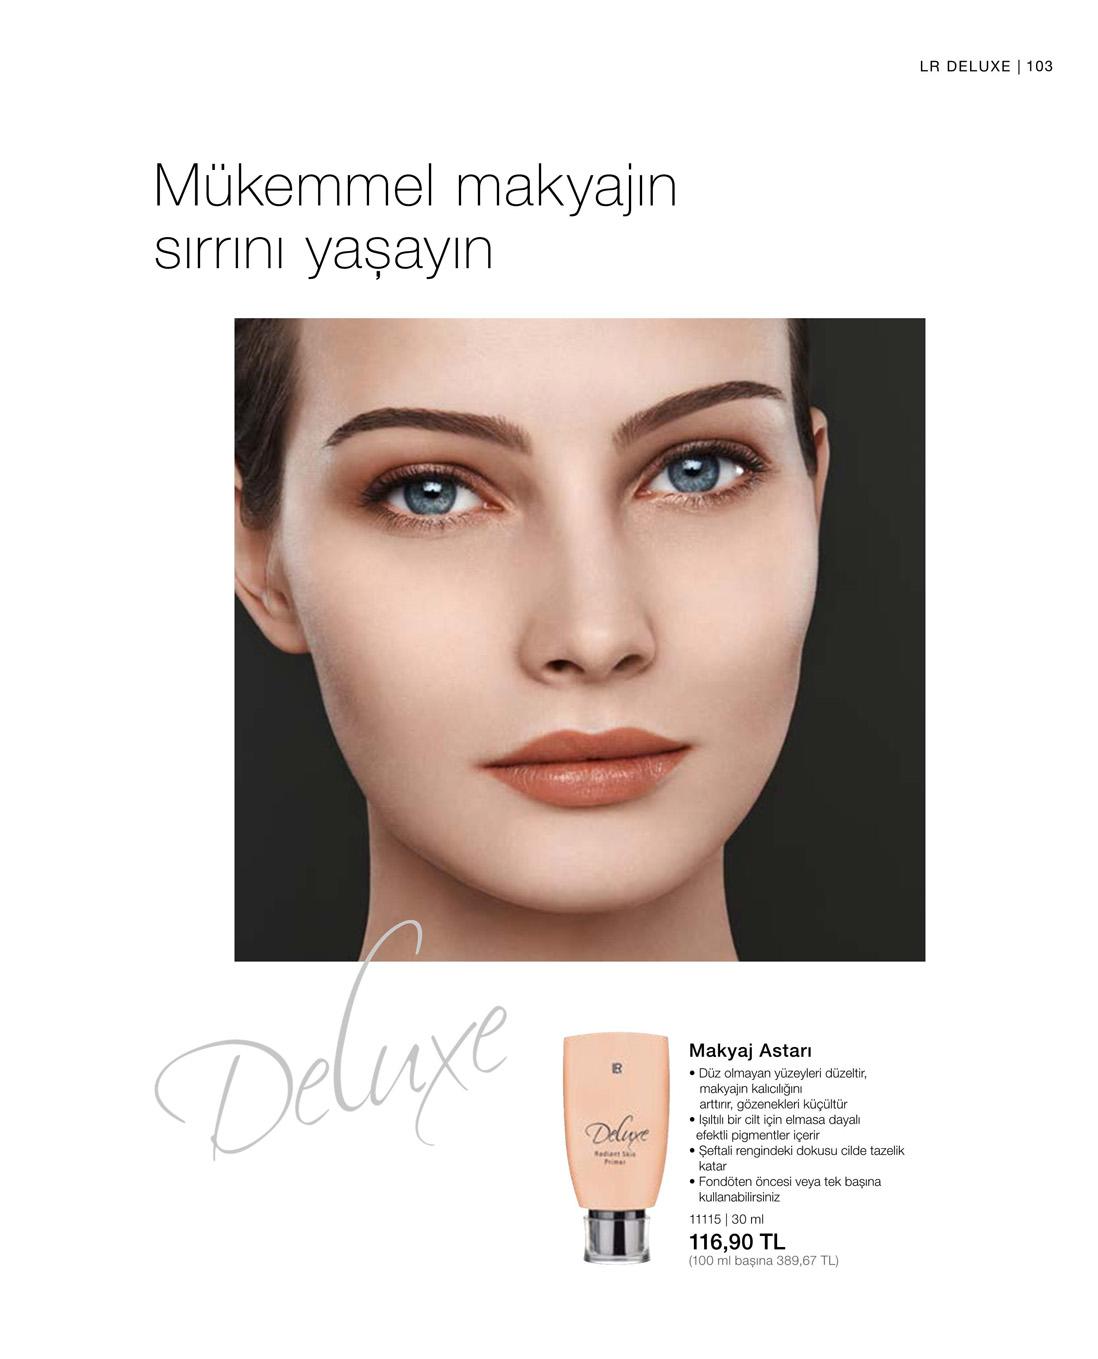 LR Deluxe Makyaj Astarı katalog